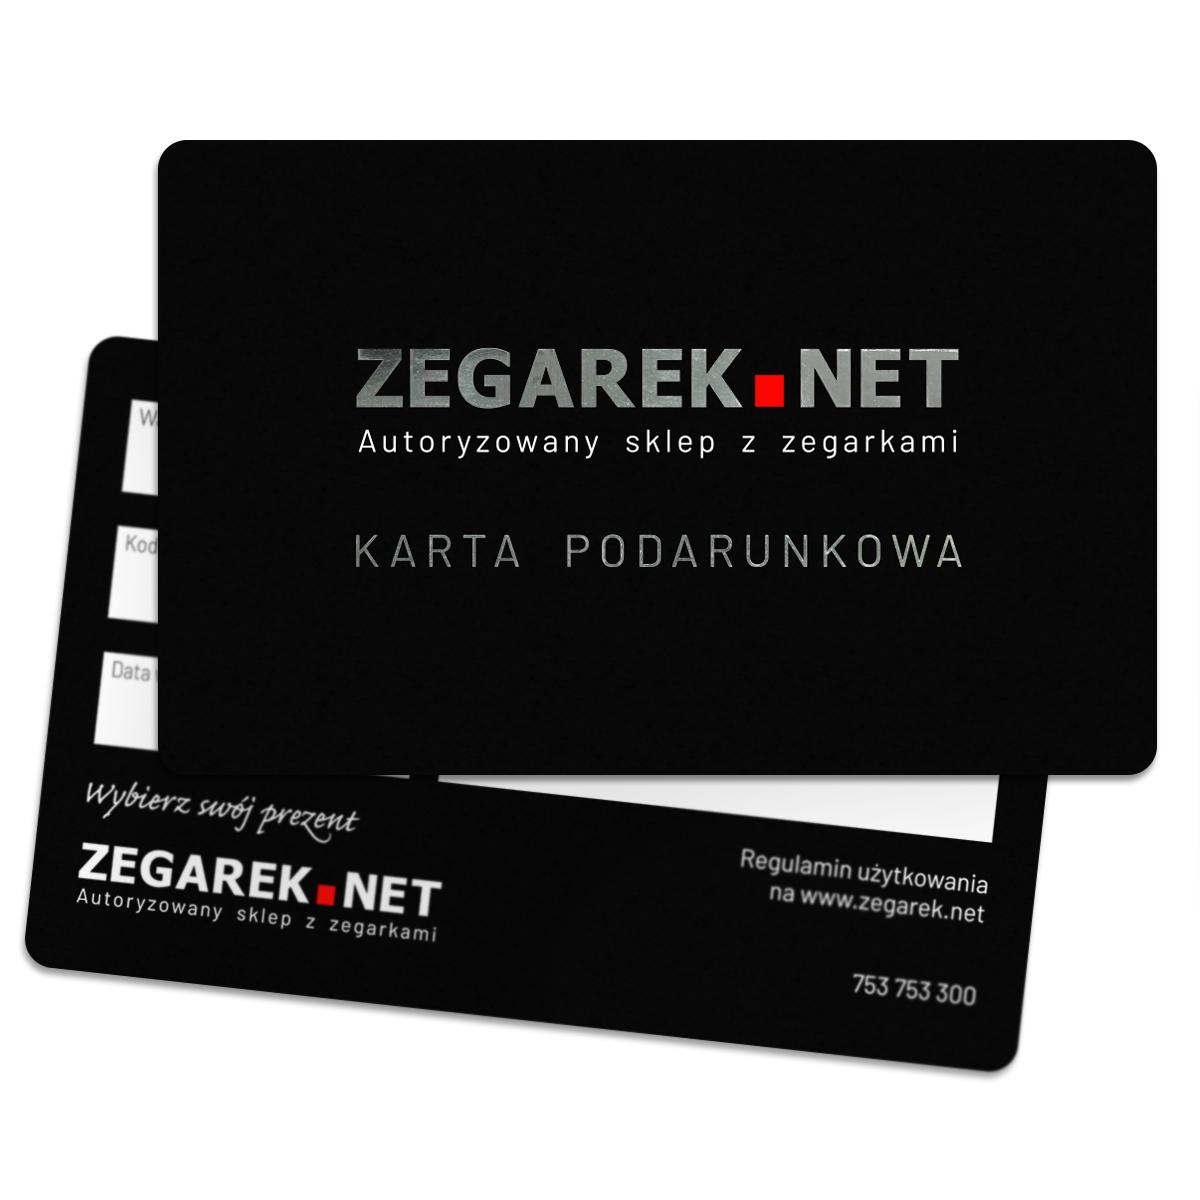 ZEGAREK.NET Karta podarunkowa 1000 zł - karta podarunkowa